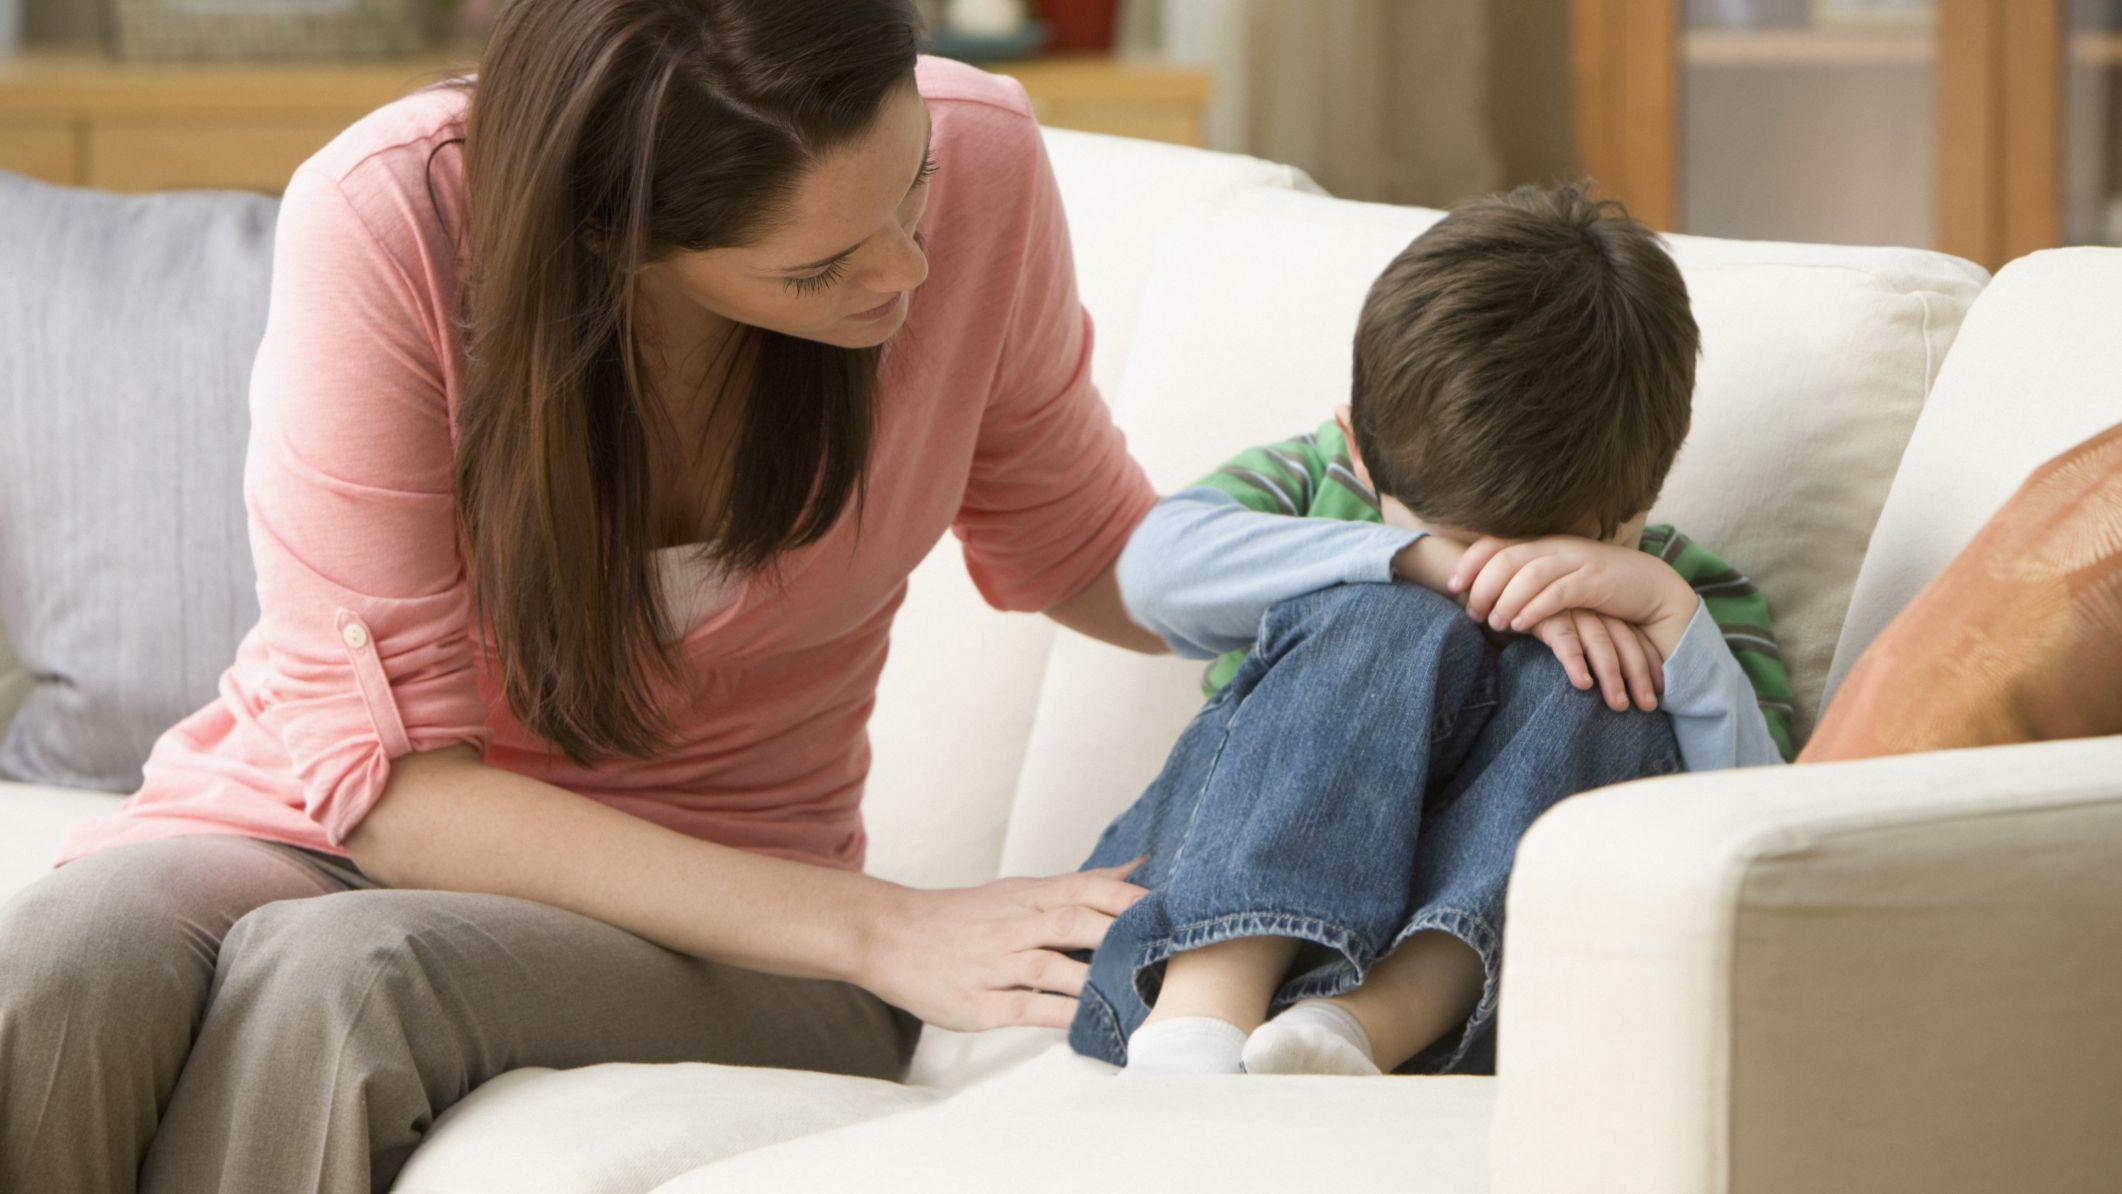 نکات کلیدی در تربیت فرزندان